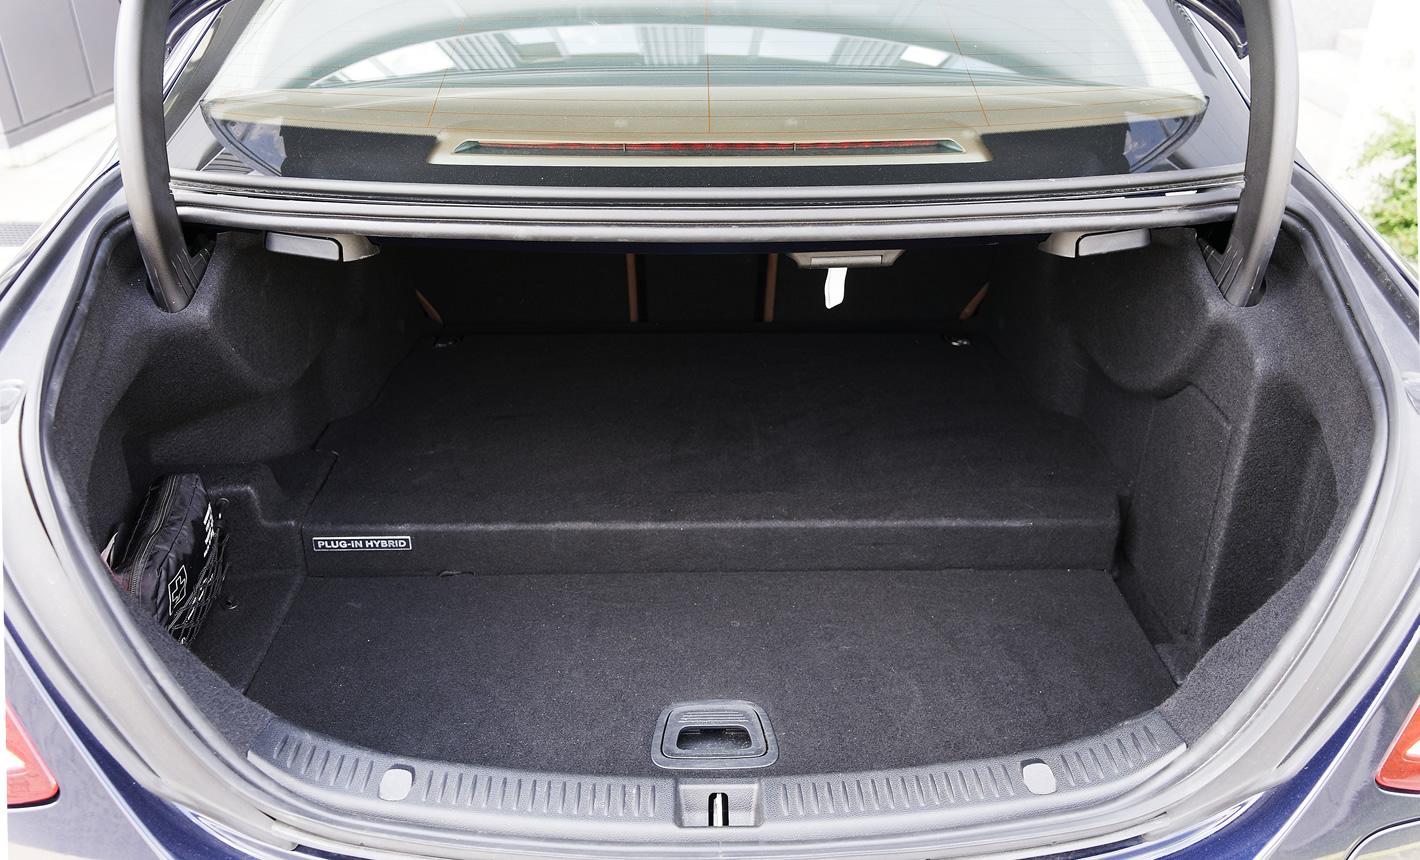 Mercedes-Benz E 350e Hybryda Plug-In - bagażnik